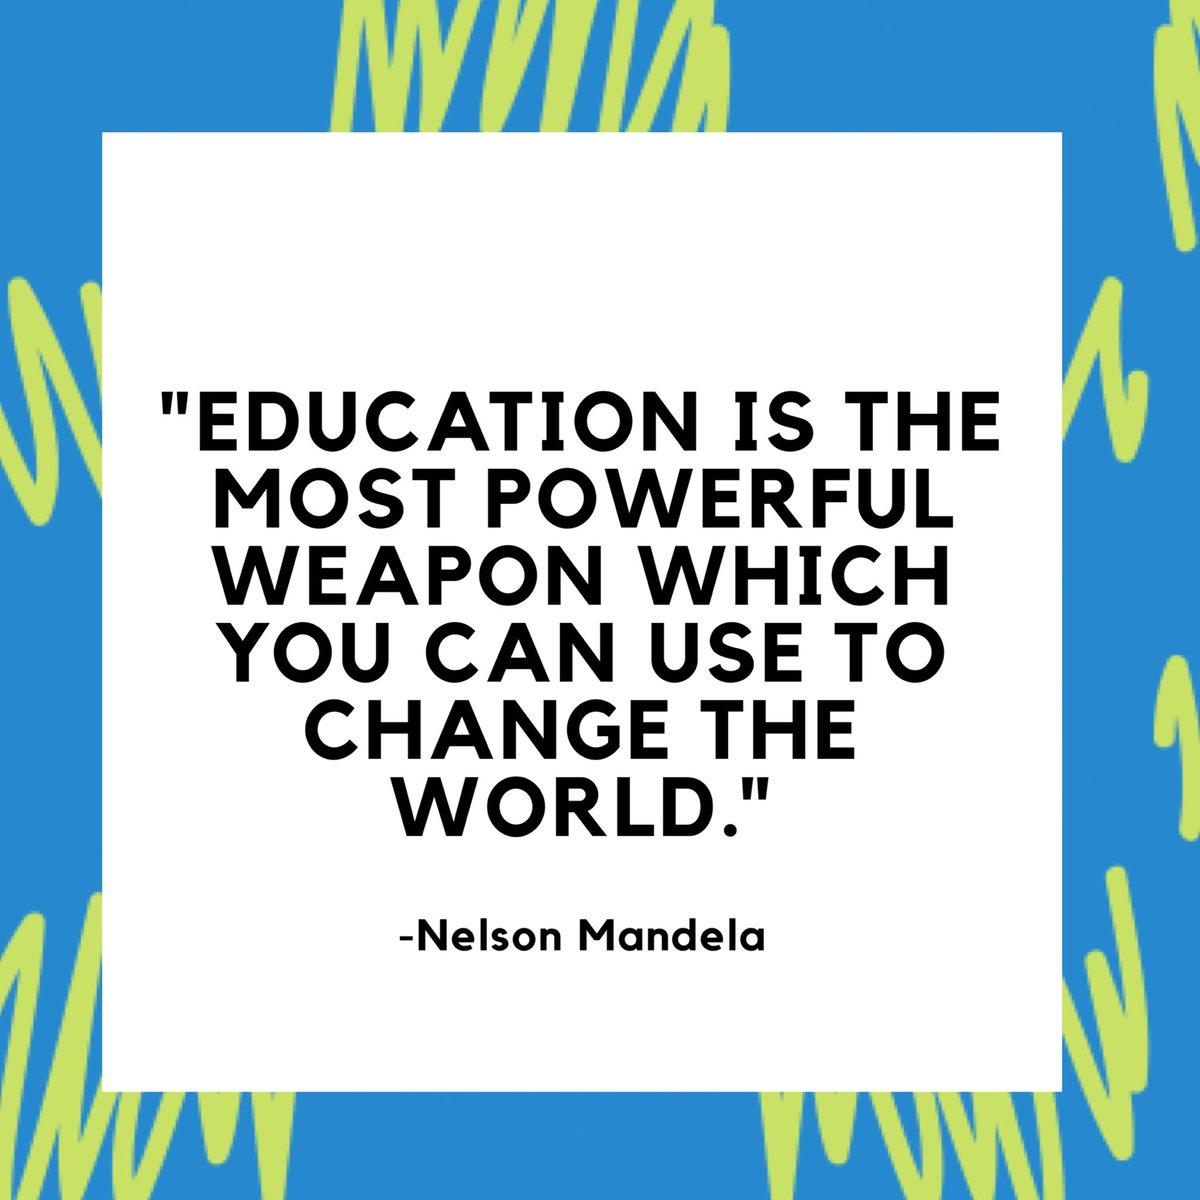 Motivation Monday #inspiration #qoutes #BlackHistoryMonth #education